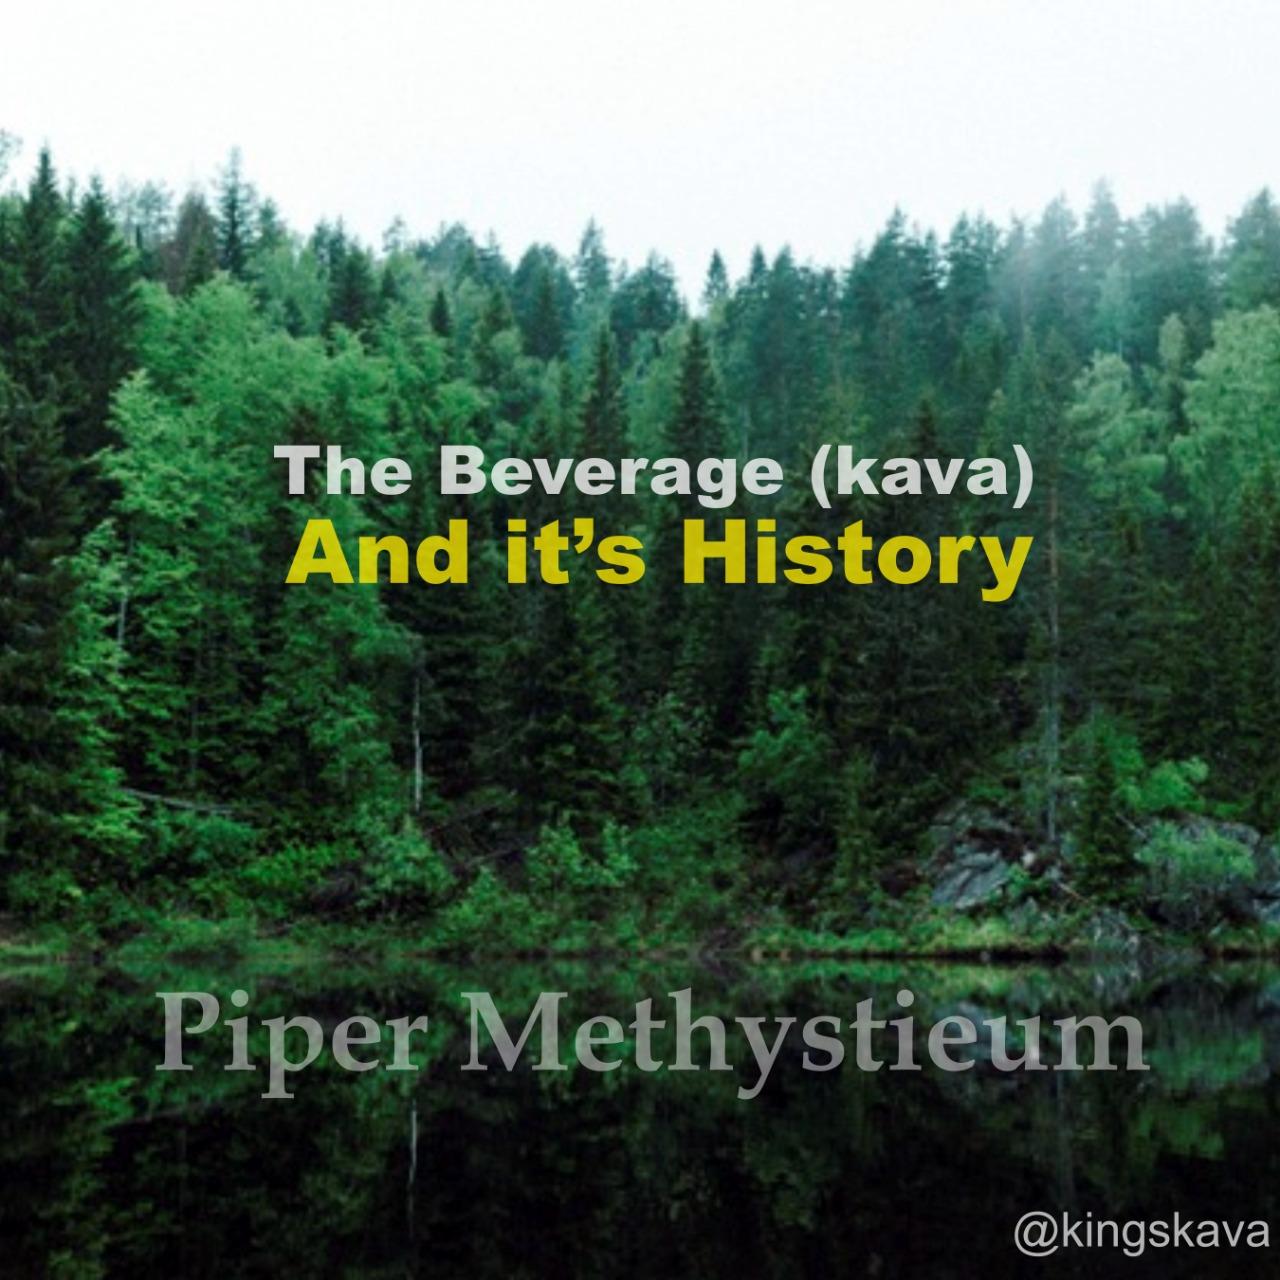 Kava history